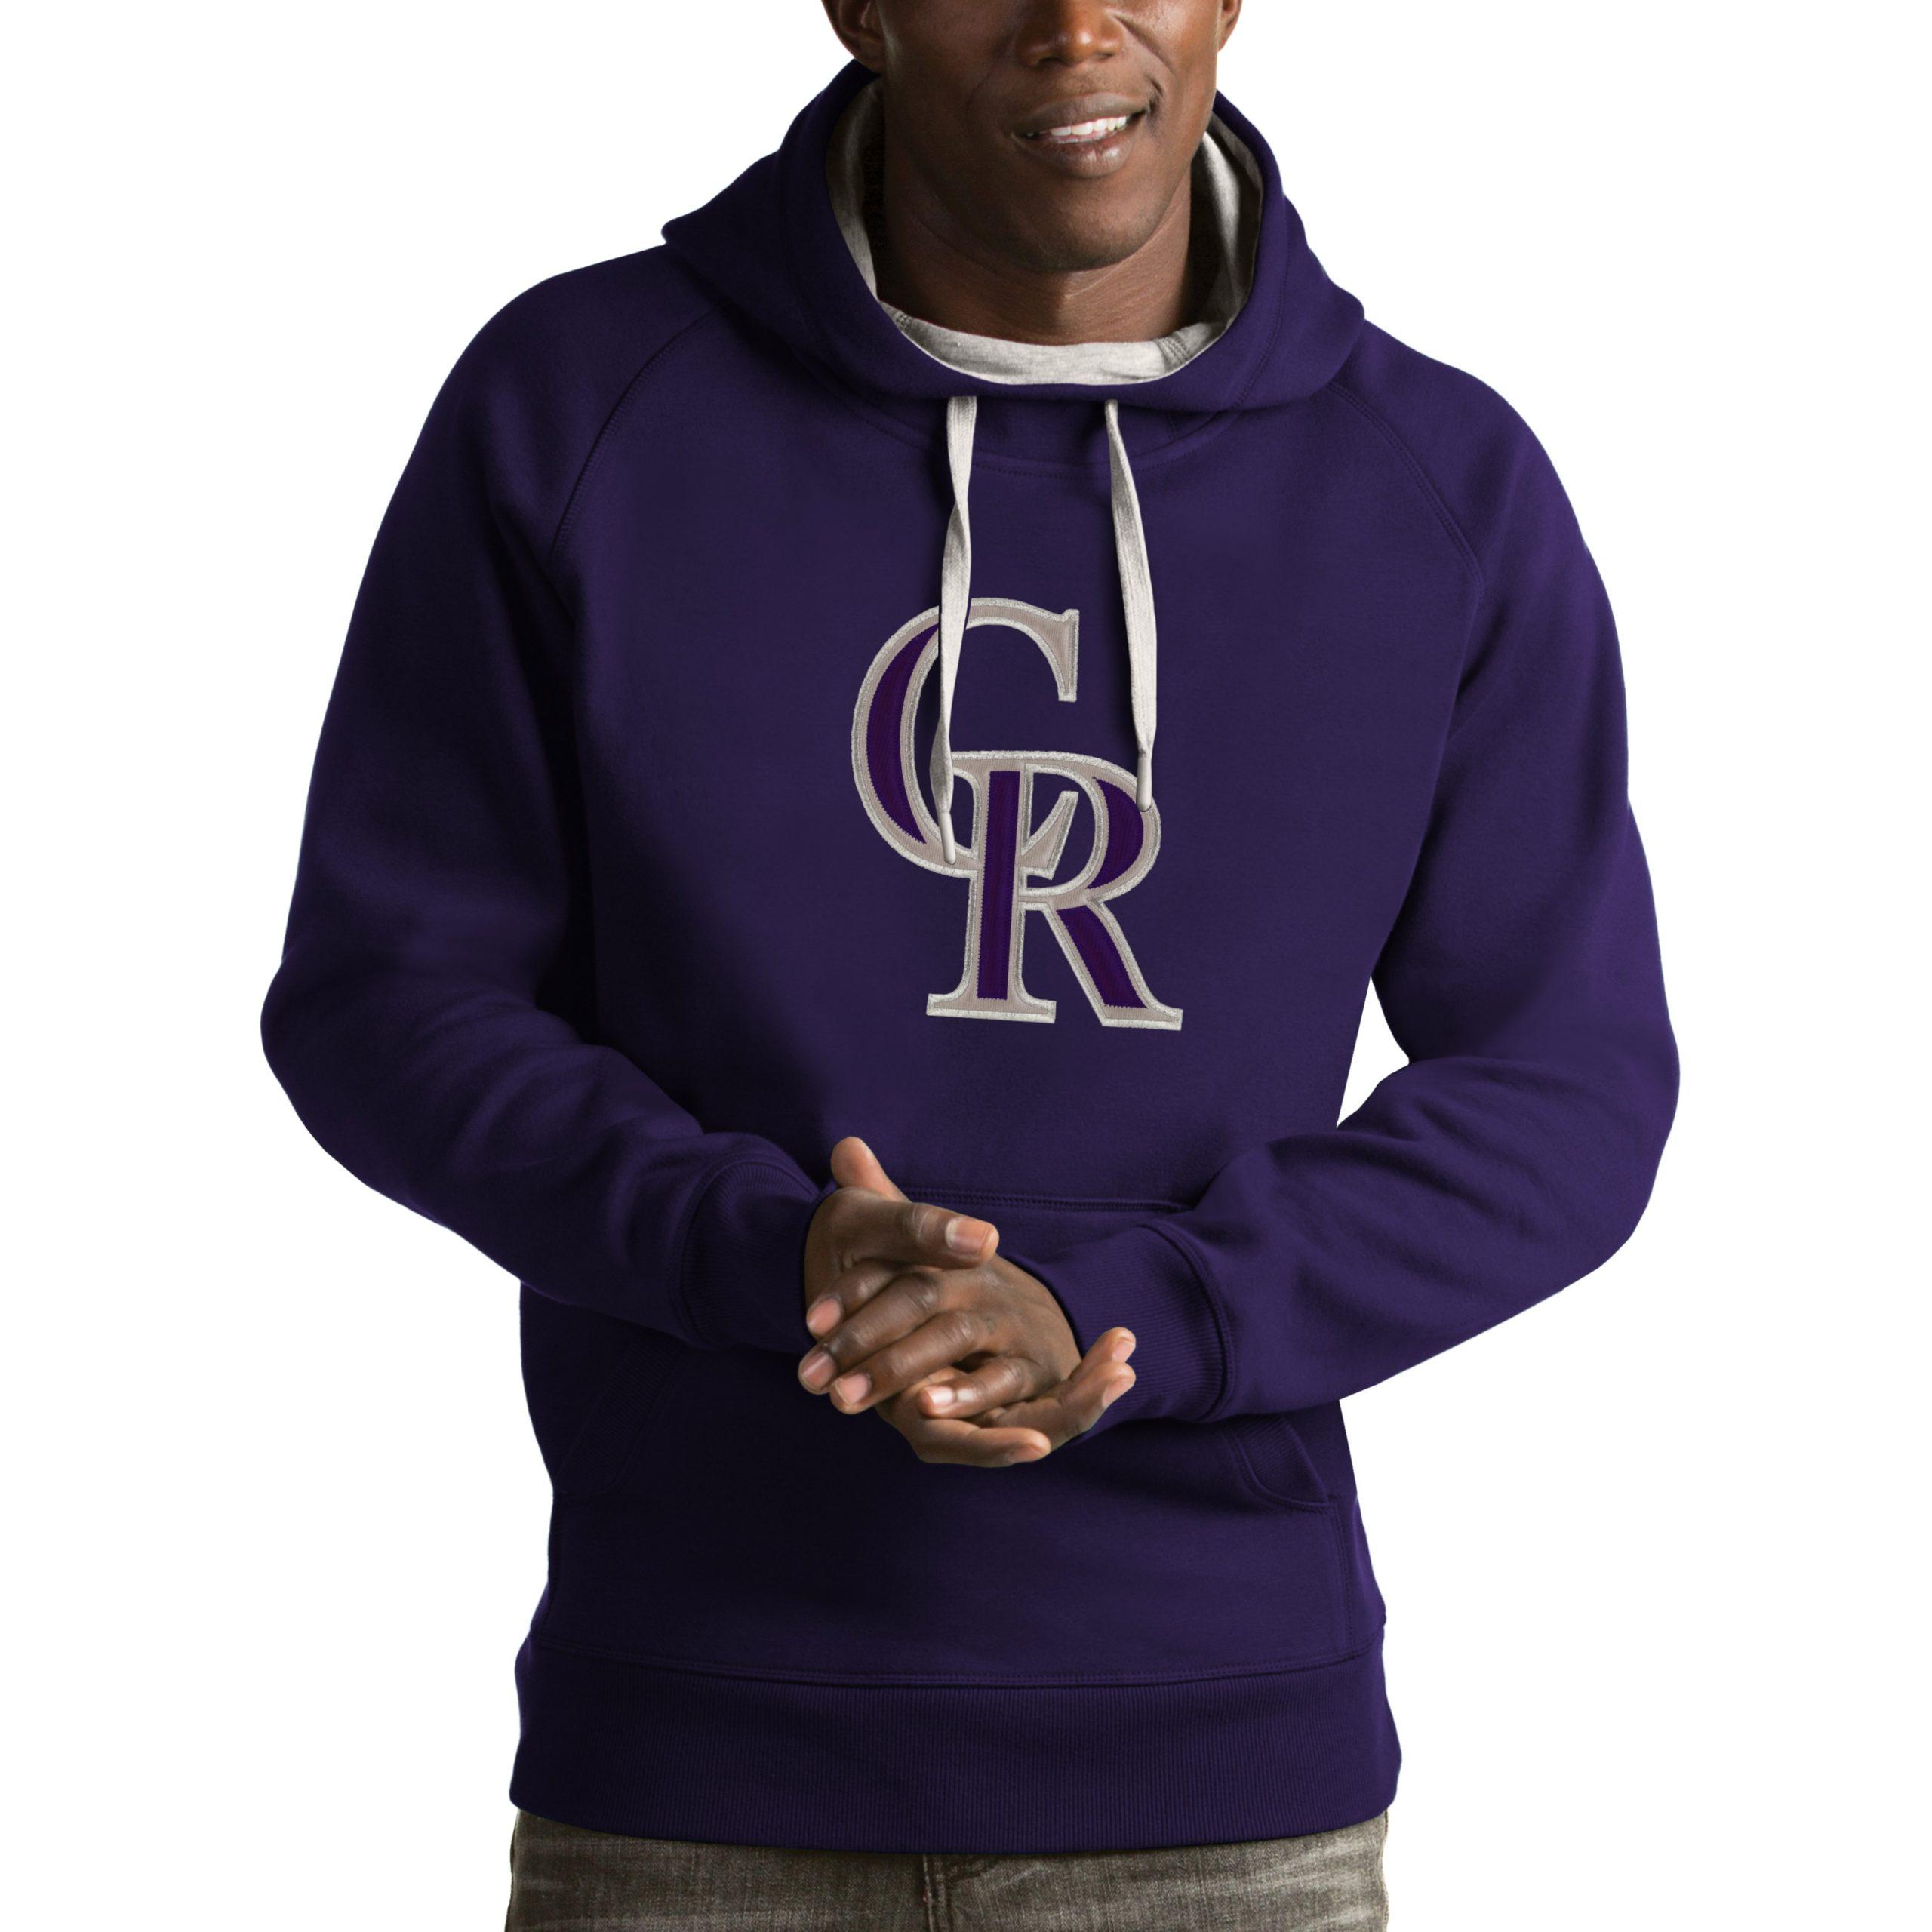 Colorado Rockies Antigua Victory Pullover Hoodie - Purple